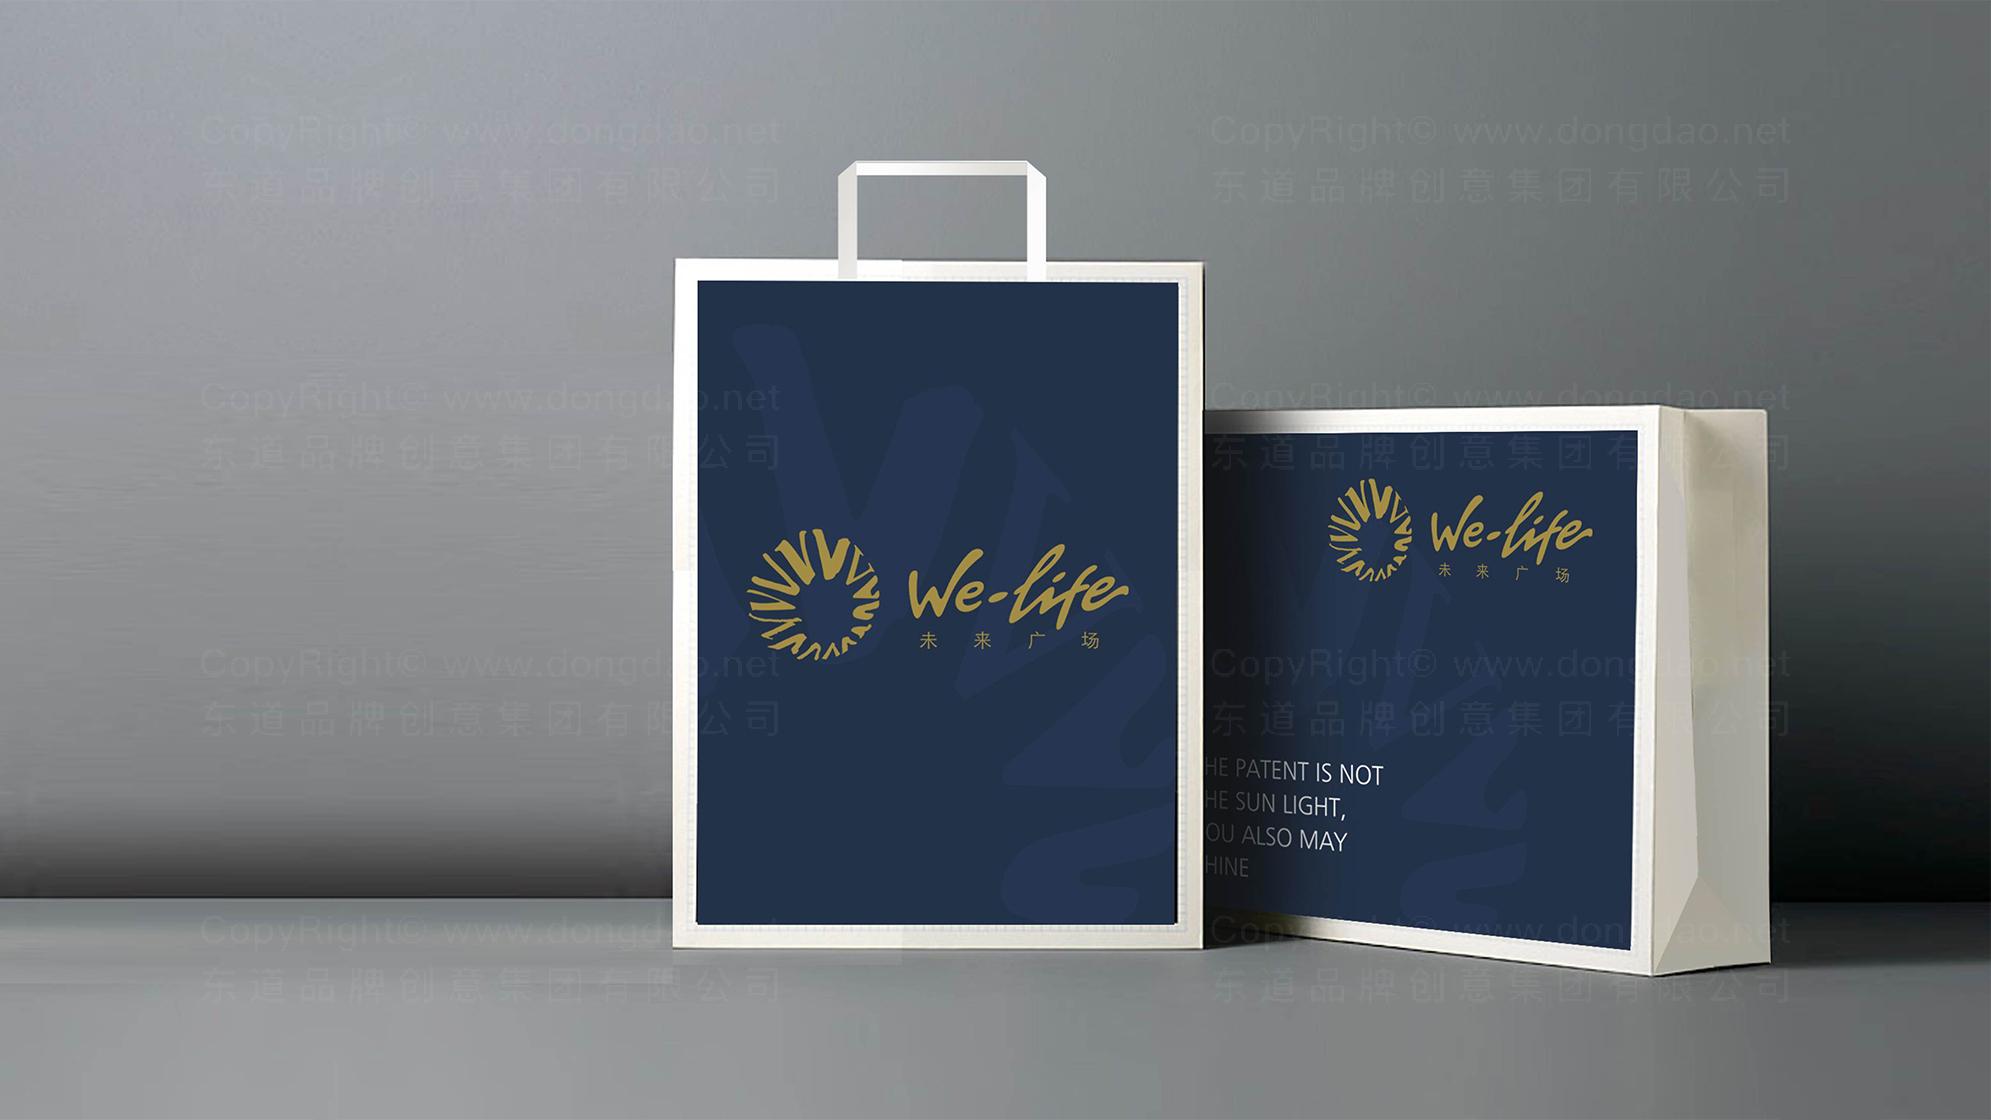 品牌设计远洋集团LOGO&VI设计应用场景_2